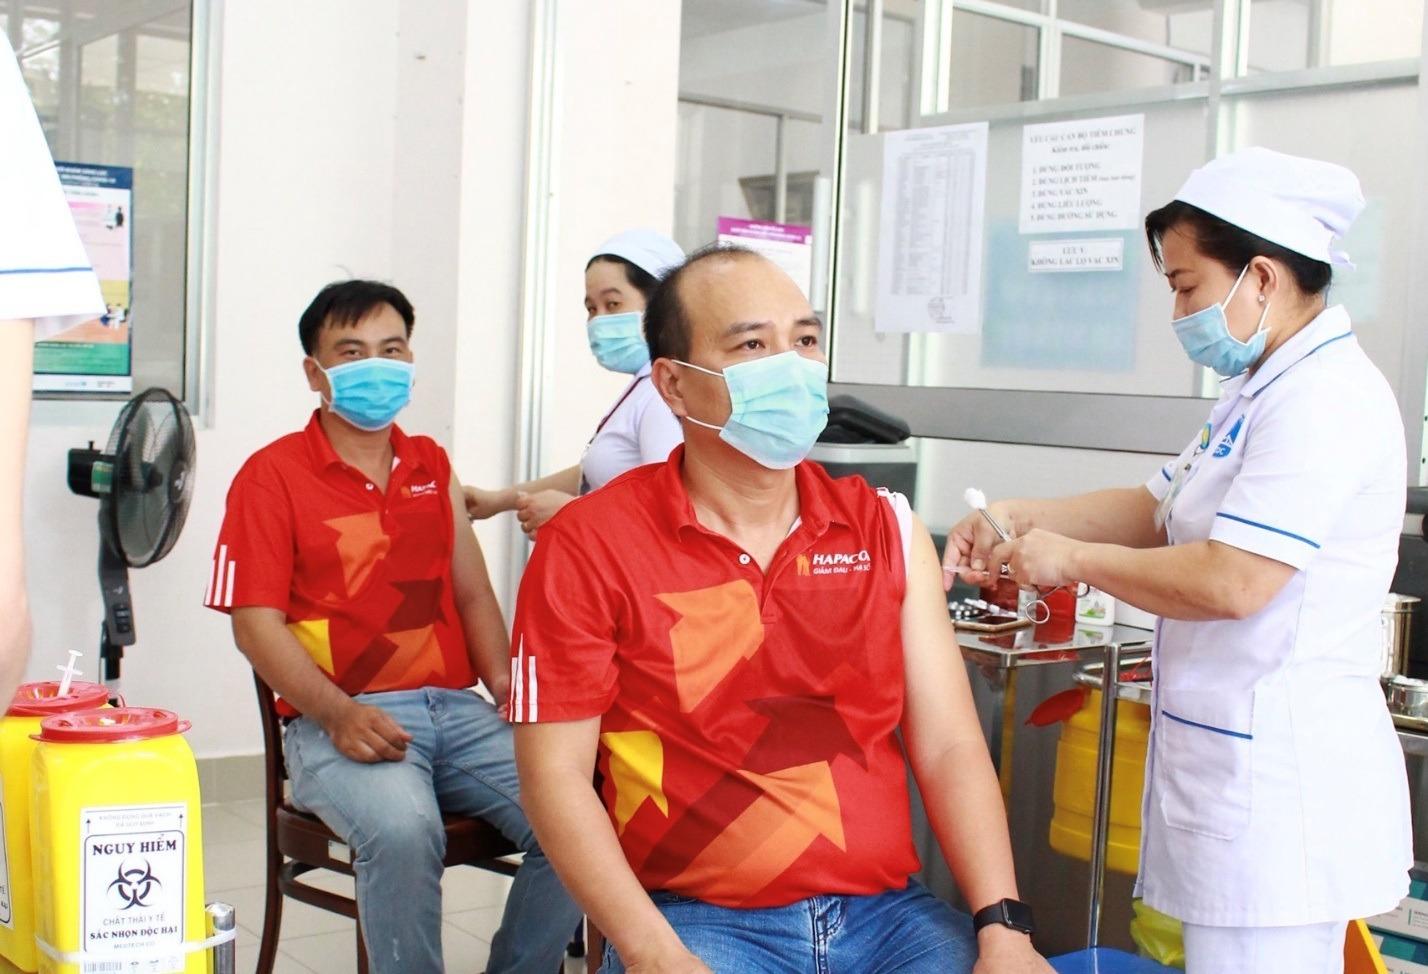 Tuân thủ các khuyến cáo trước và sau tiêm để đảm bảo tiêm ngừa an toàn